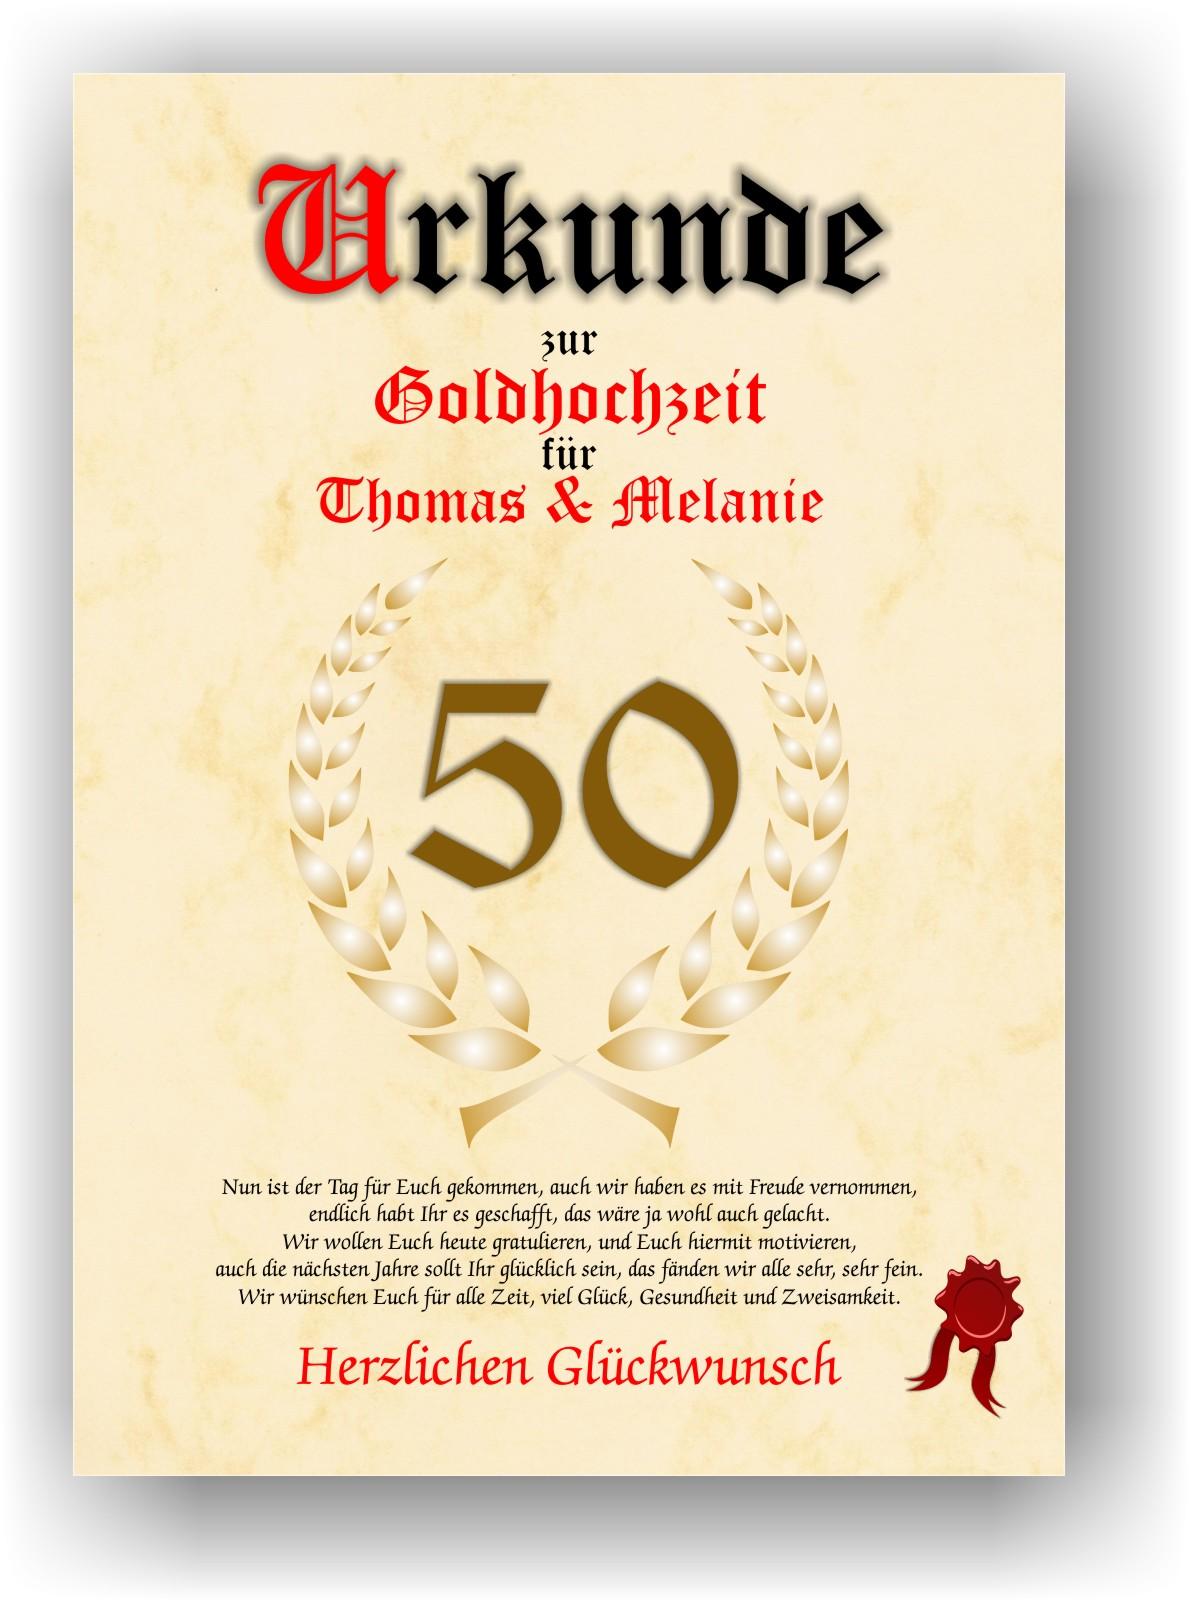 Details Zu Goldhochzeit Urkunde Zum 50 Hochzeitstag Geschenkidee Goldene Gold Hochzeit Neu